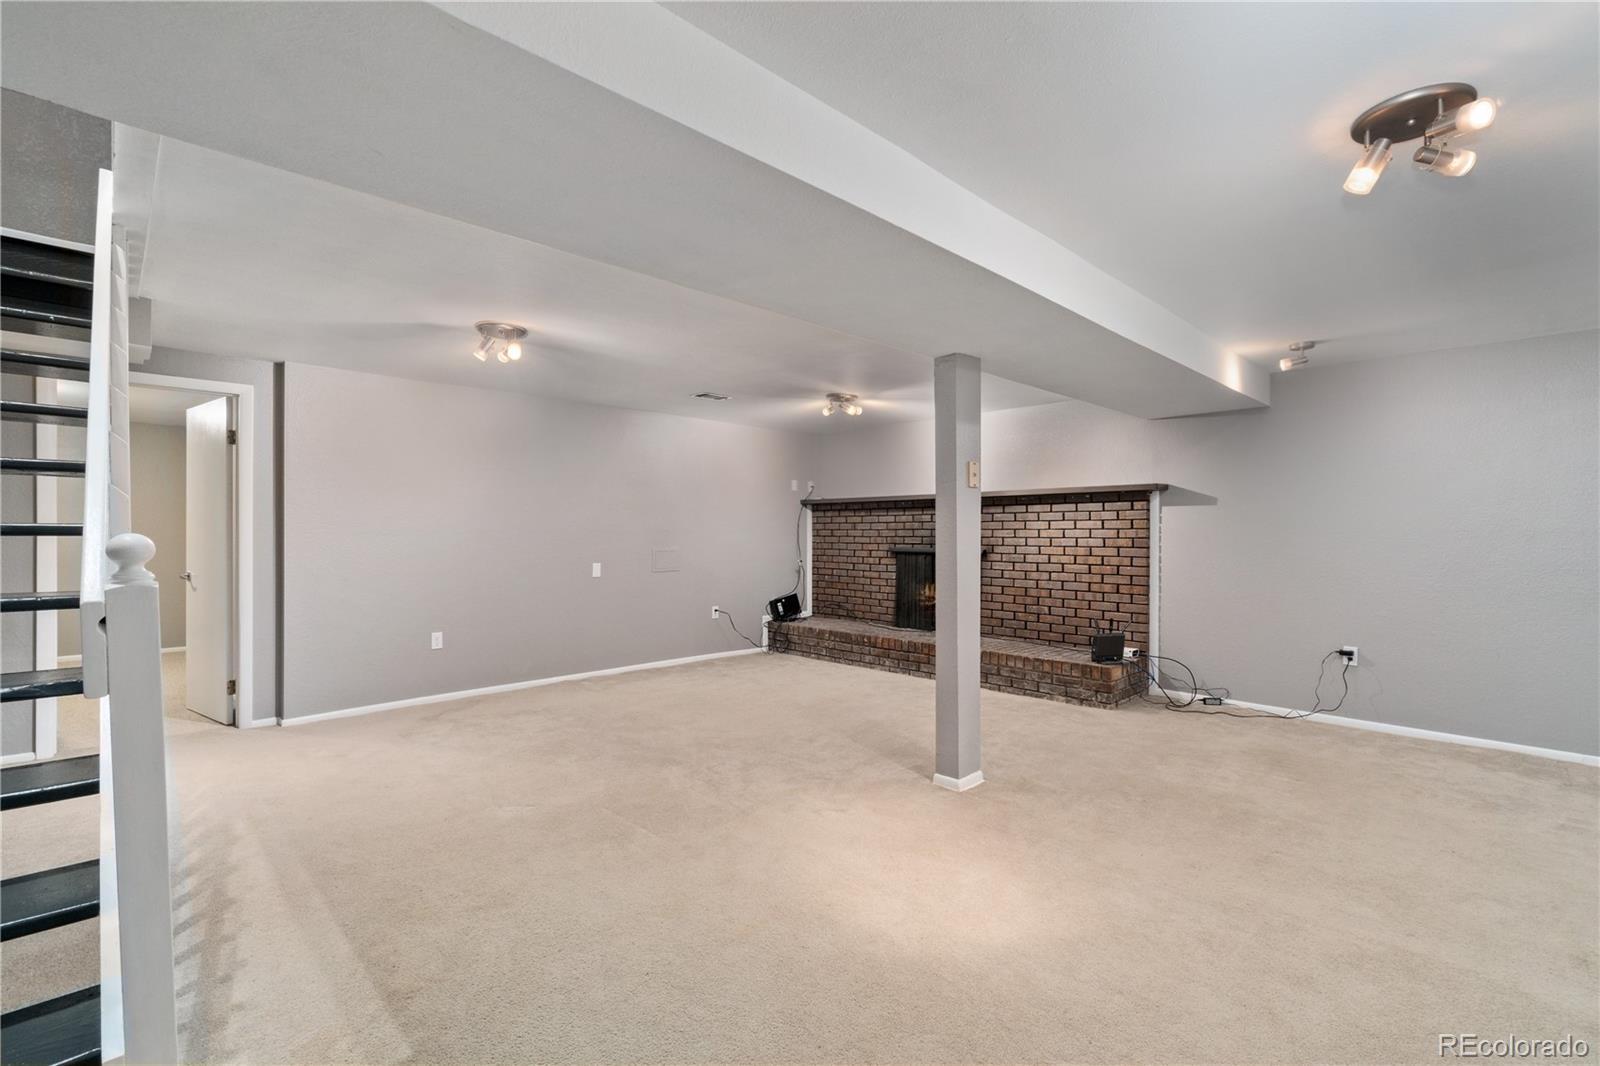 MLS# 8982790 - 11 - 735 S Braun Street, Lakewood, CO 80228